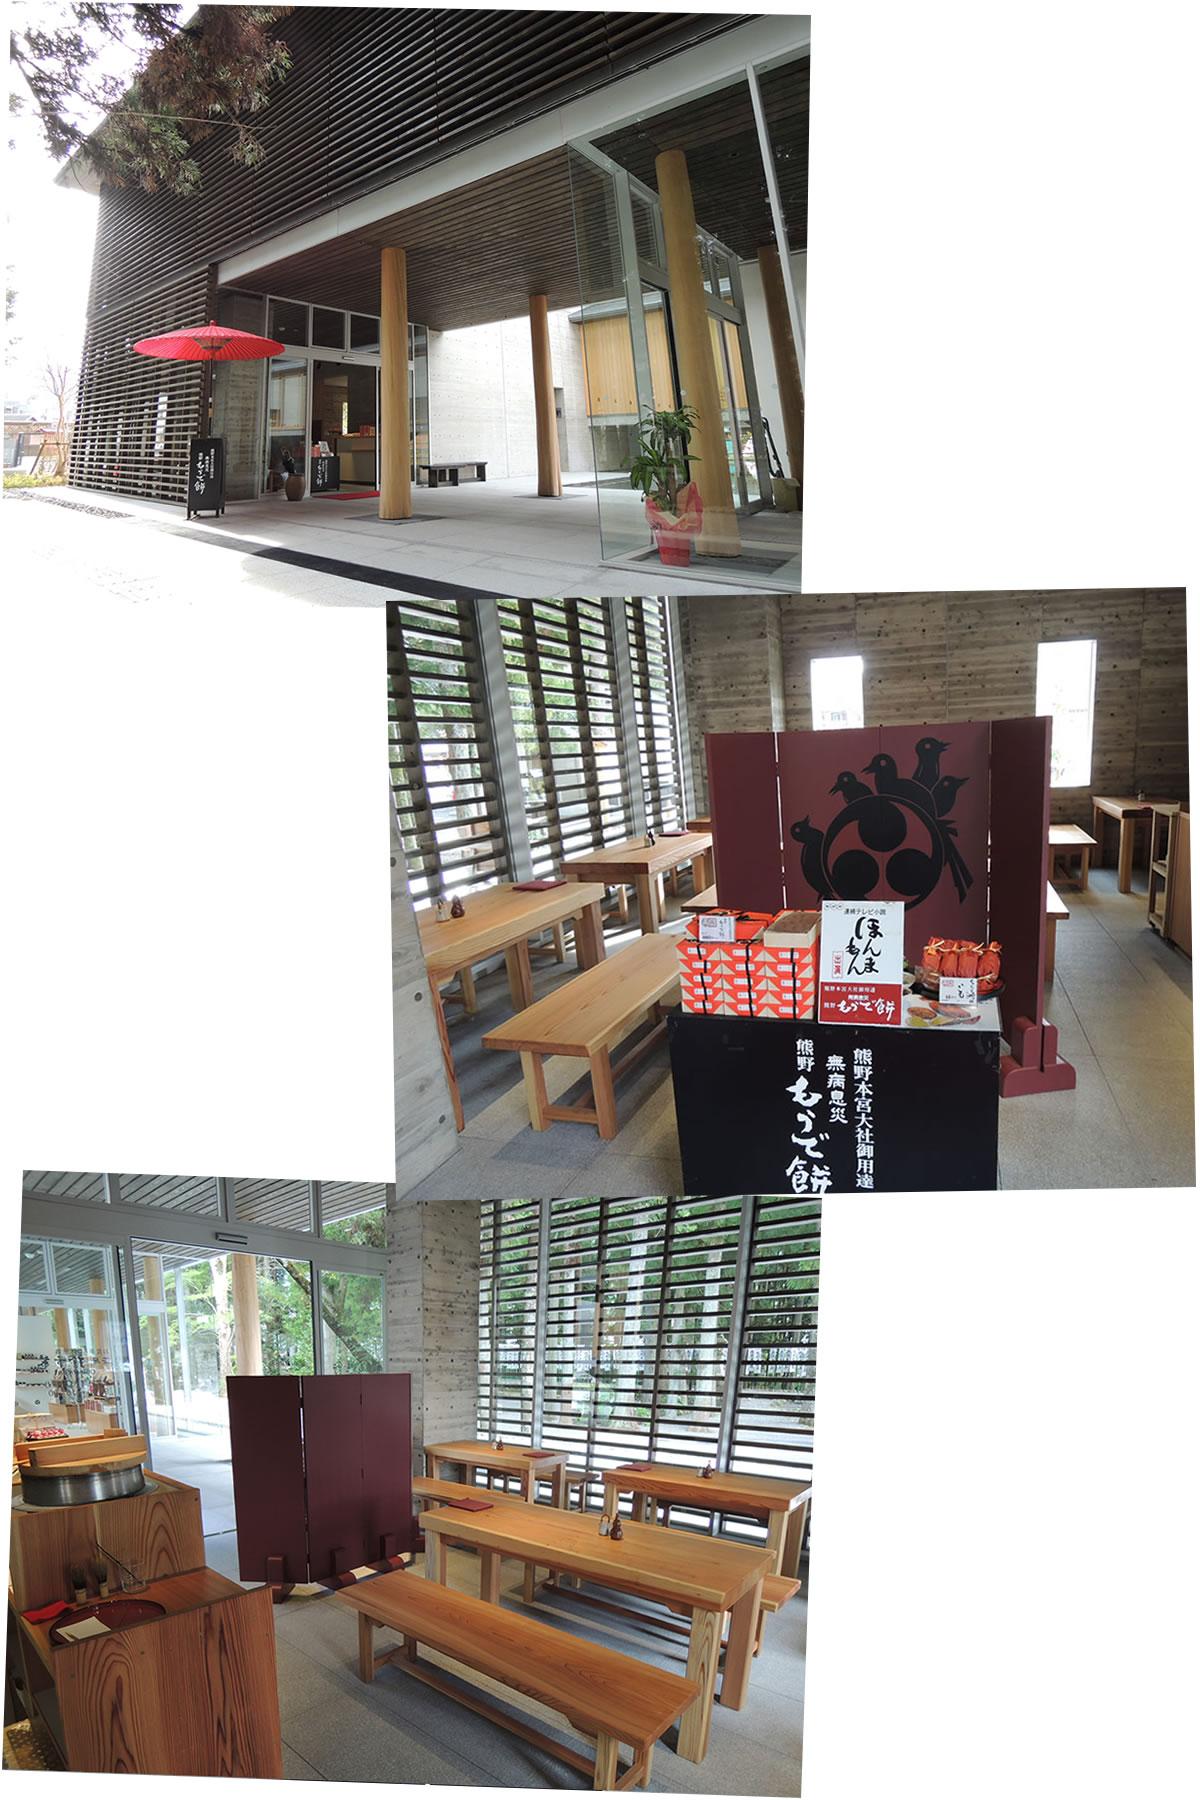 熊野本宮大社参道脇にある甘味処・お食事処「茶房珍重庵 本宮店」のイメージ